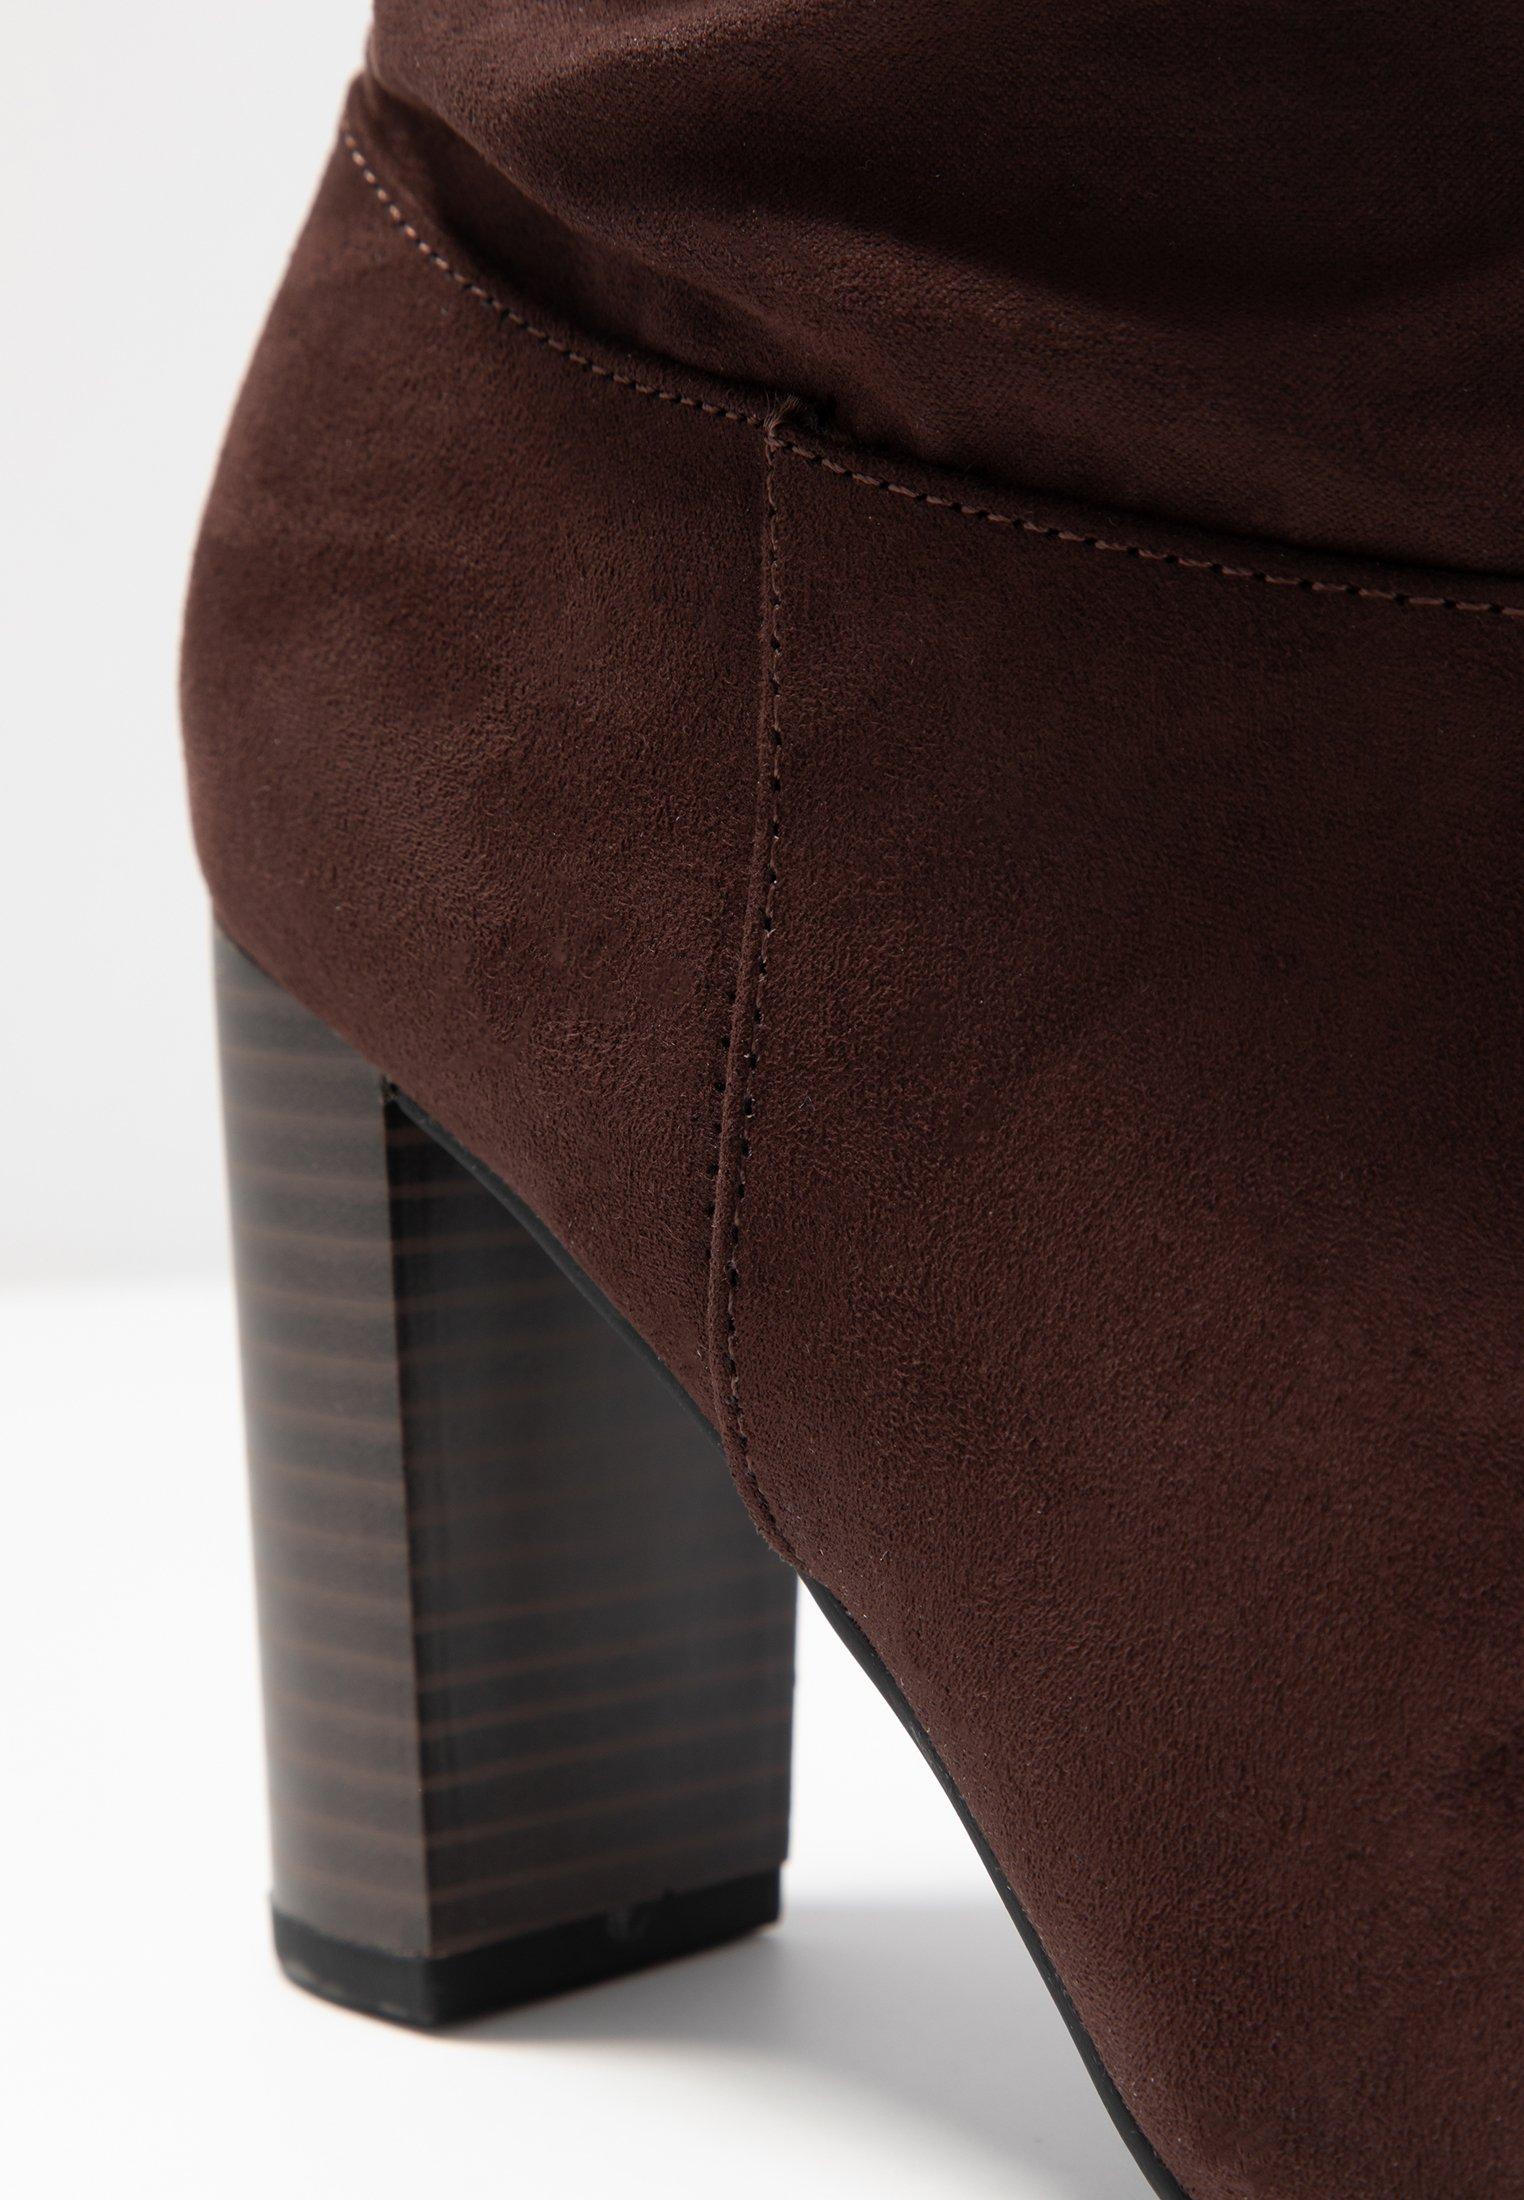 botte brown chocolate haut talon cuir